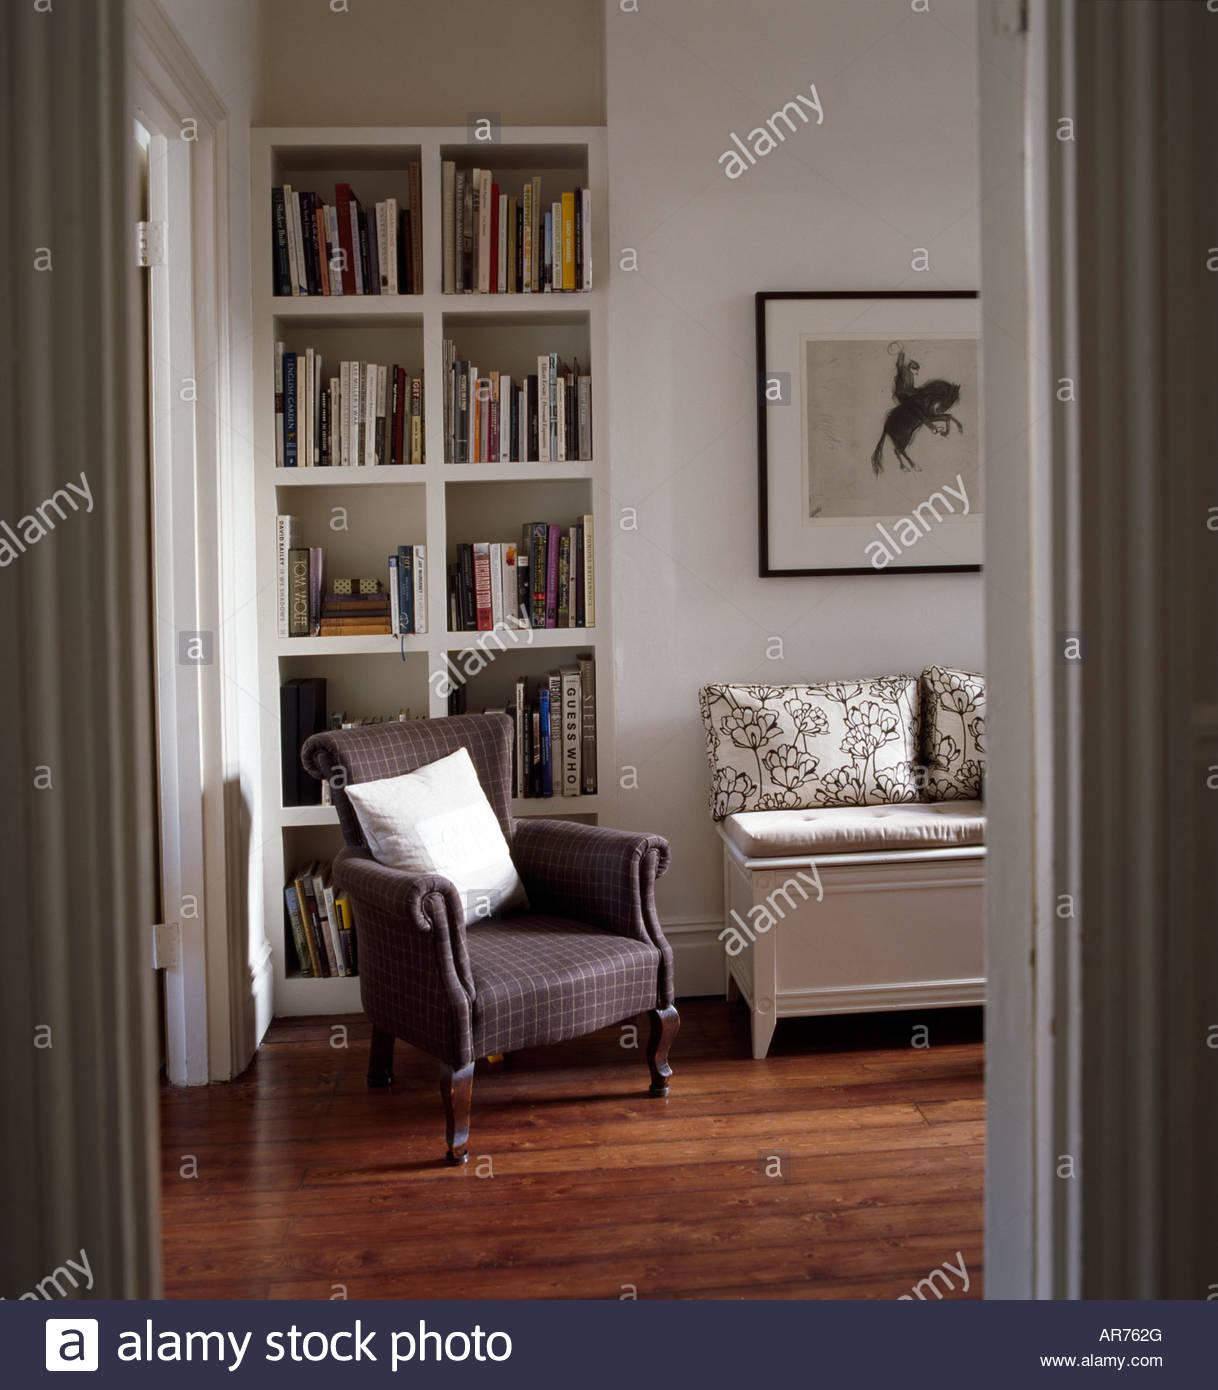 Wohnzimmer Interieur Mit Modernen Stilvollen Bookselves Sessel Und Malerei  Stockbild